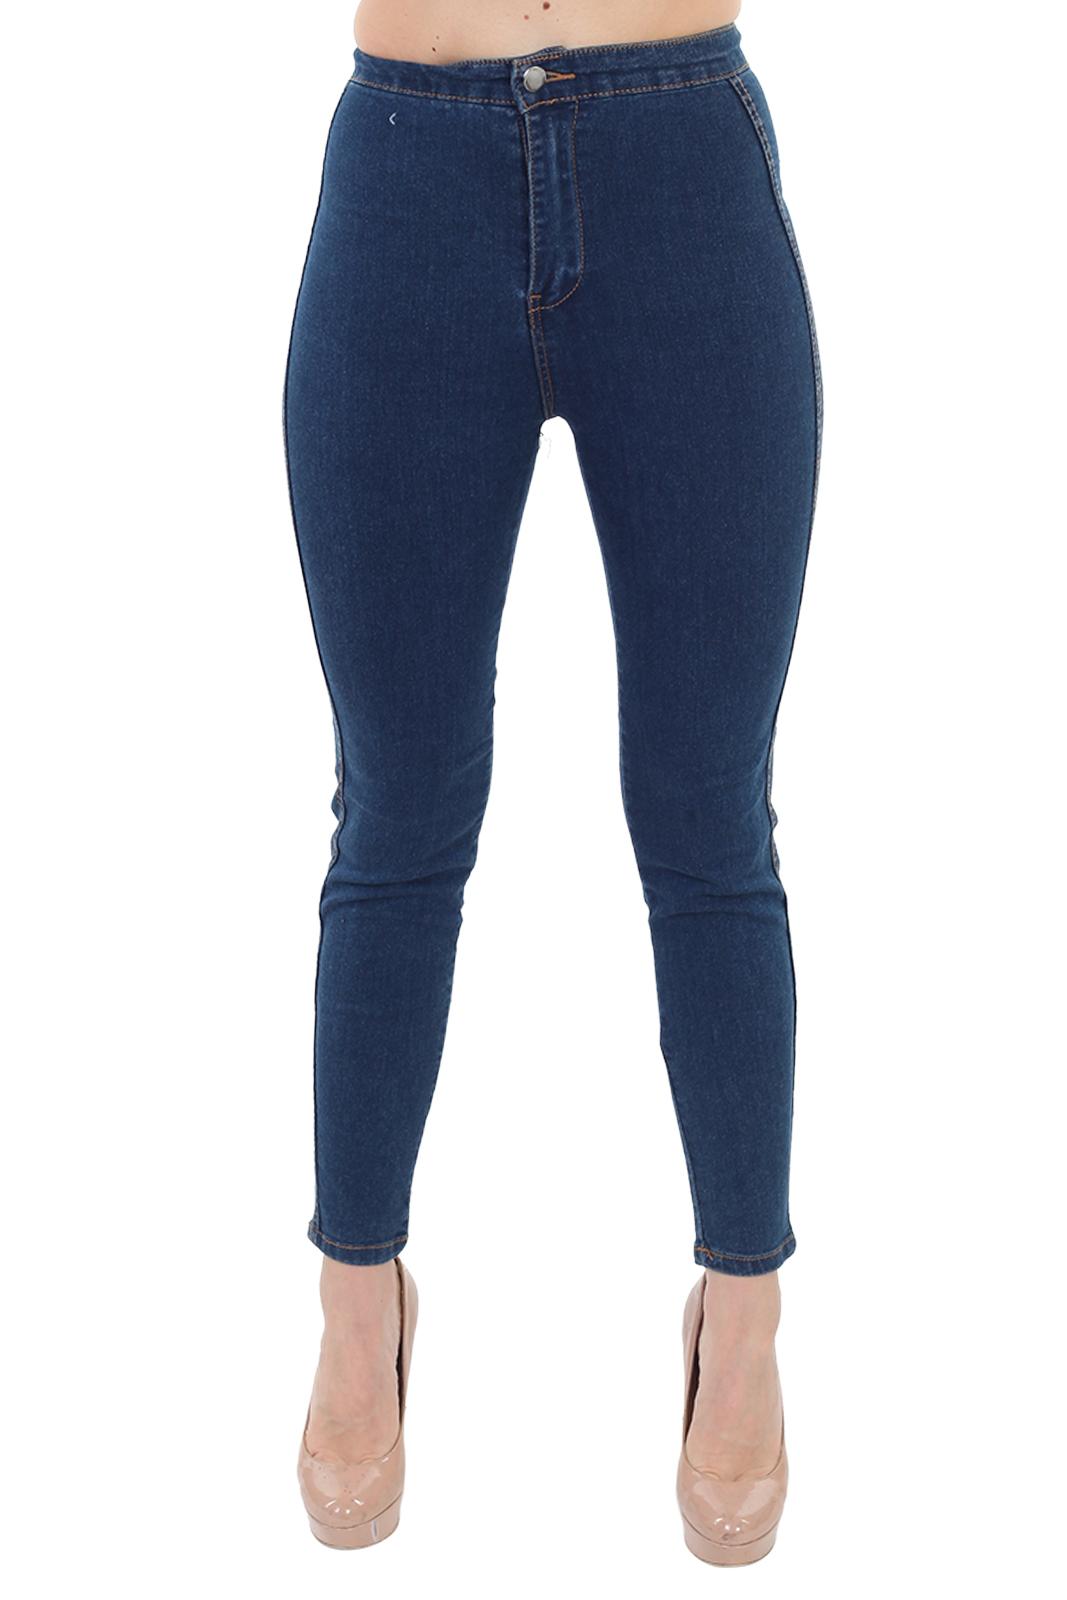 Купить женские джинсы скинни синего цвета